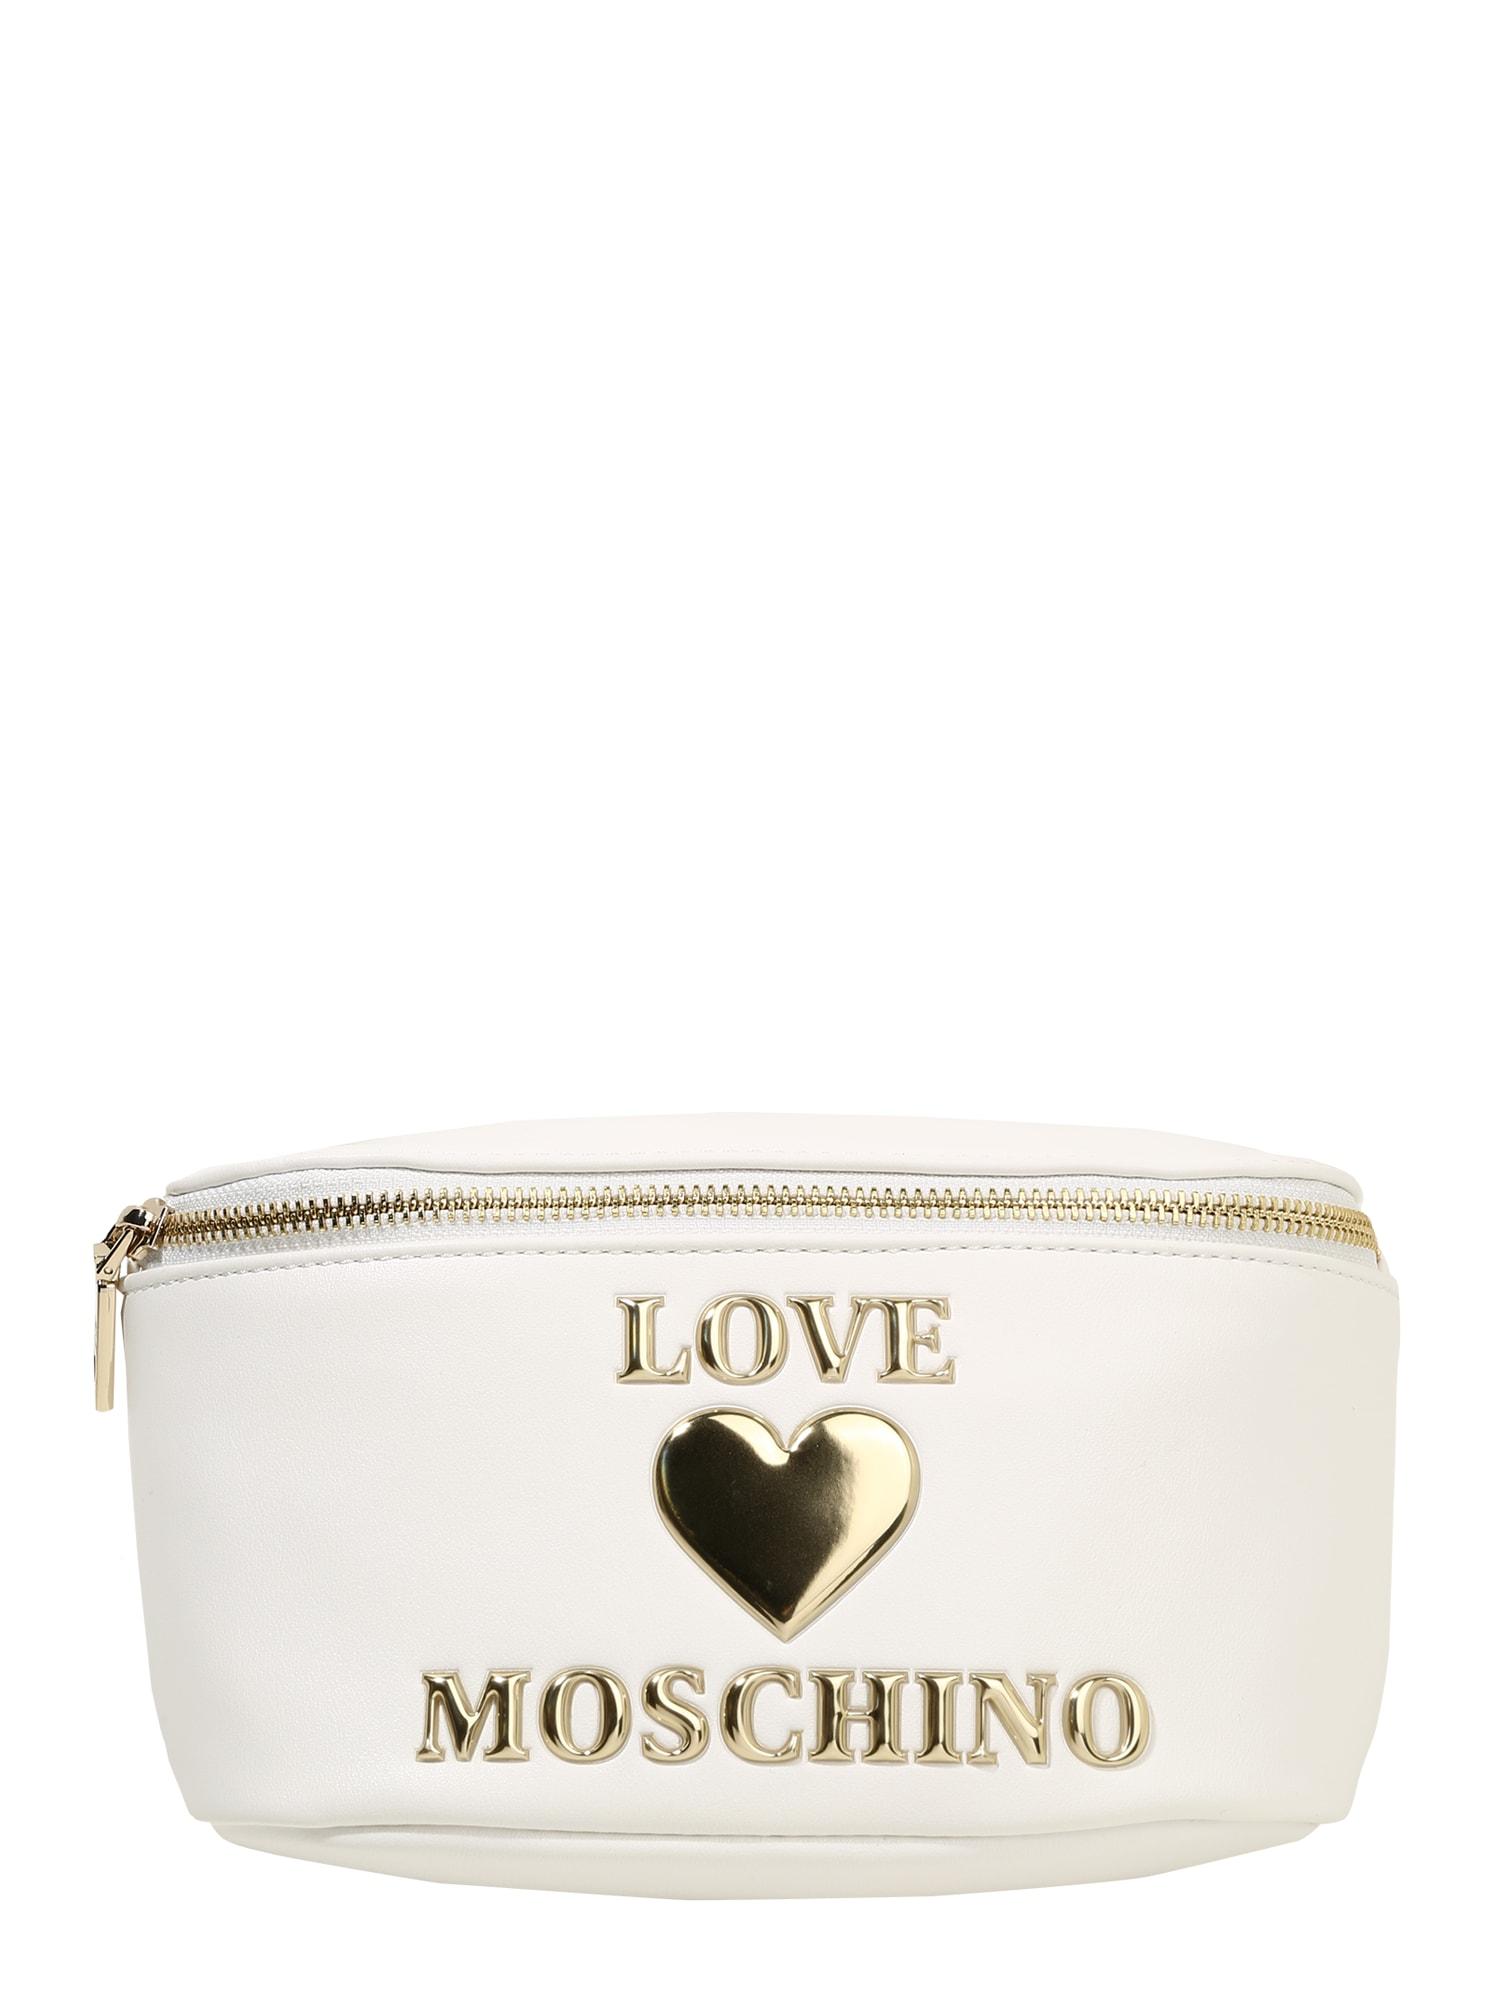 Love Moschino Rankinė ant juosmens natūrali balta / auksas